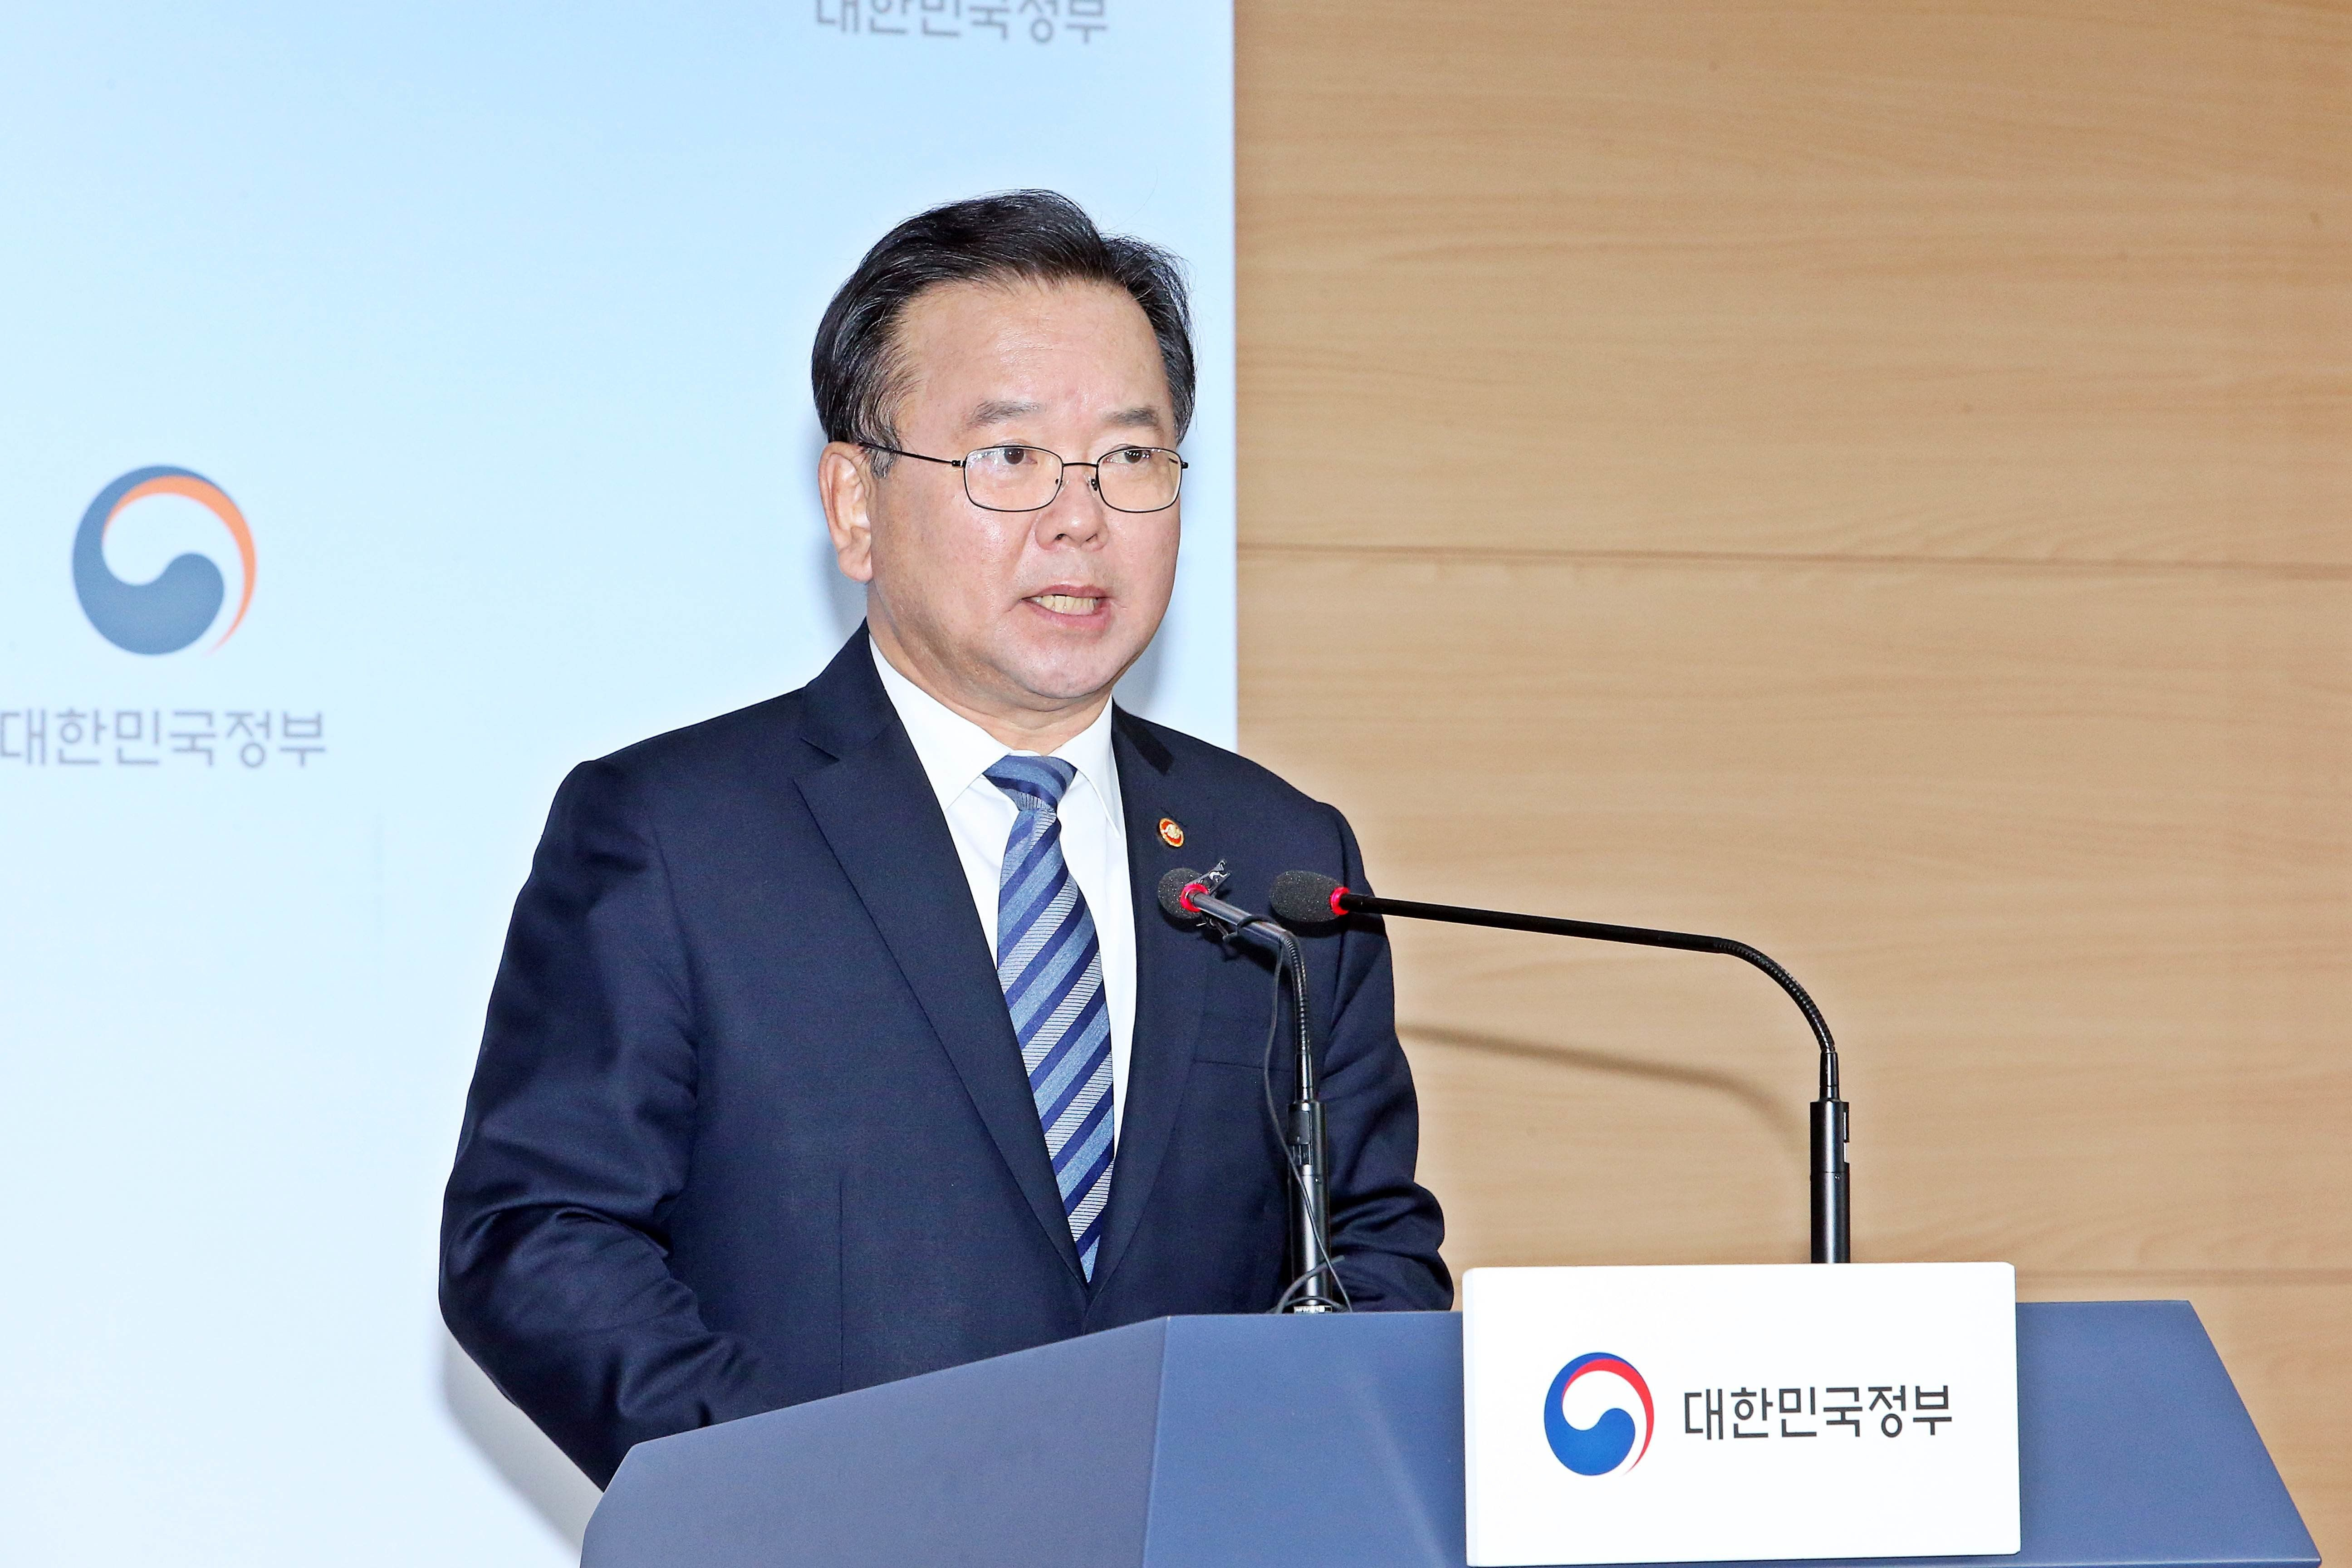 정부가 북한 접경지역에 13조원을